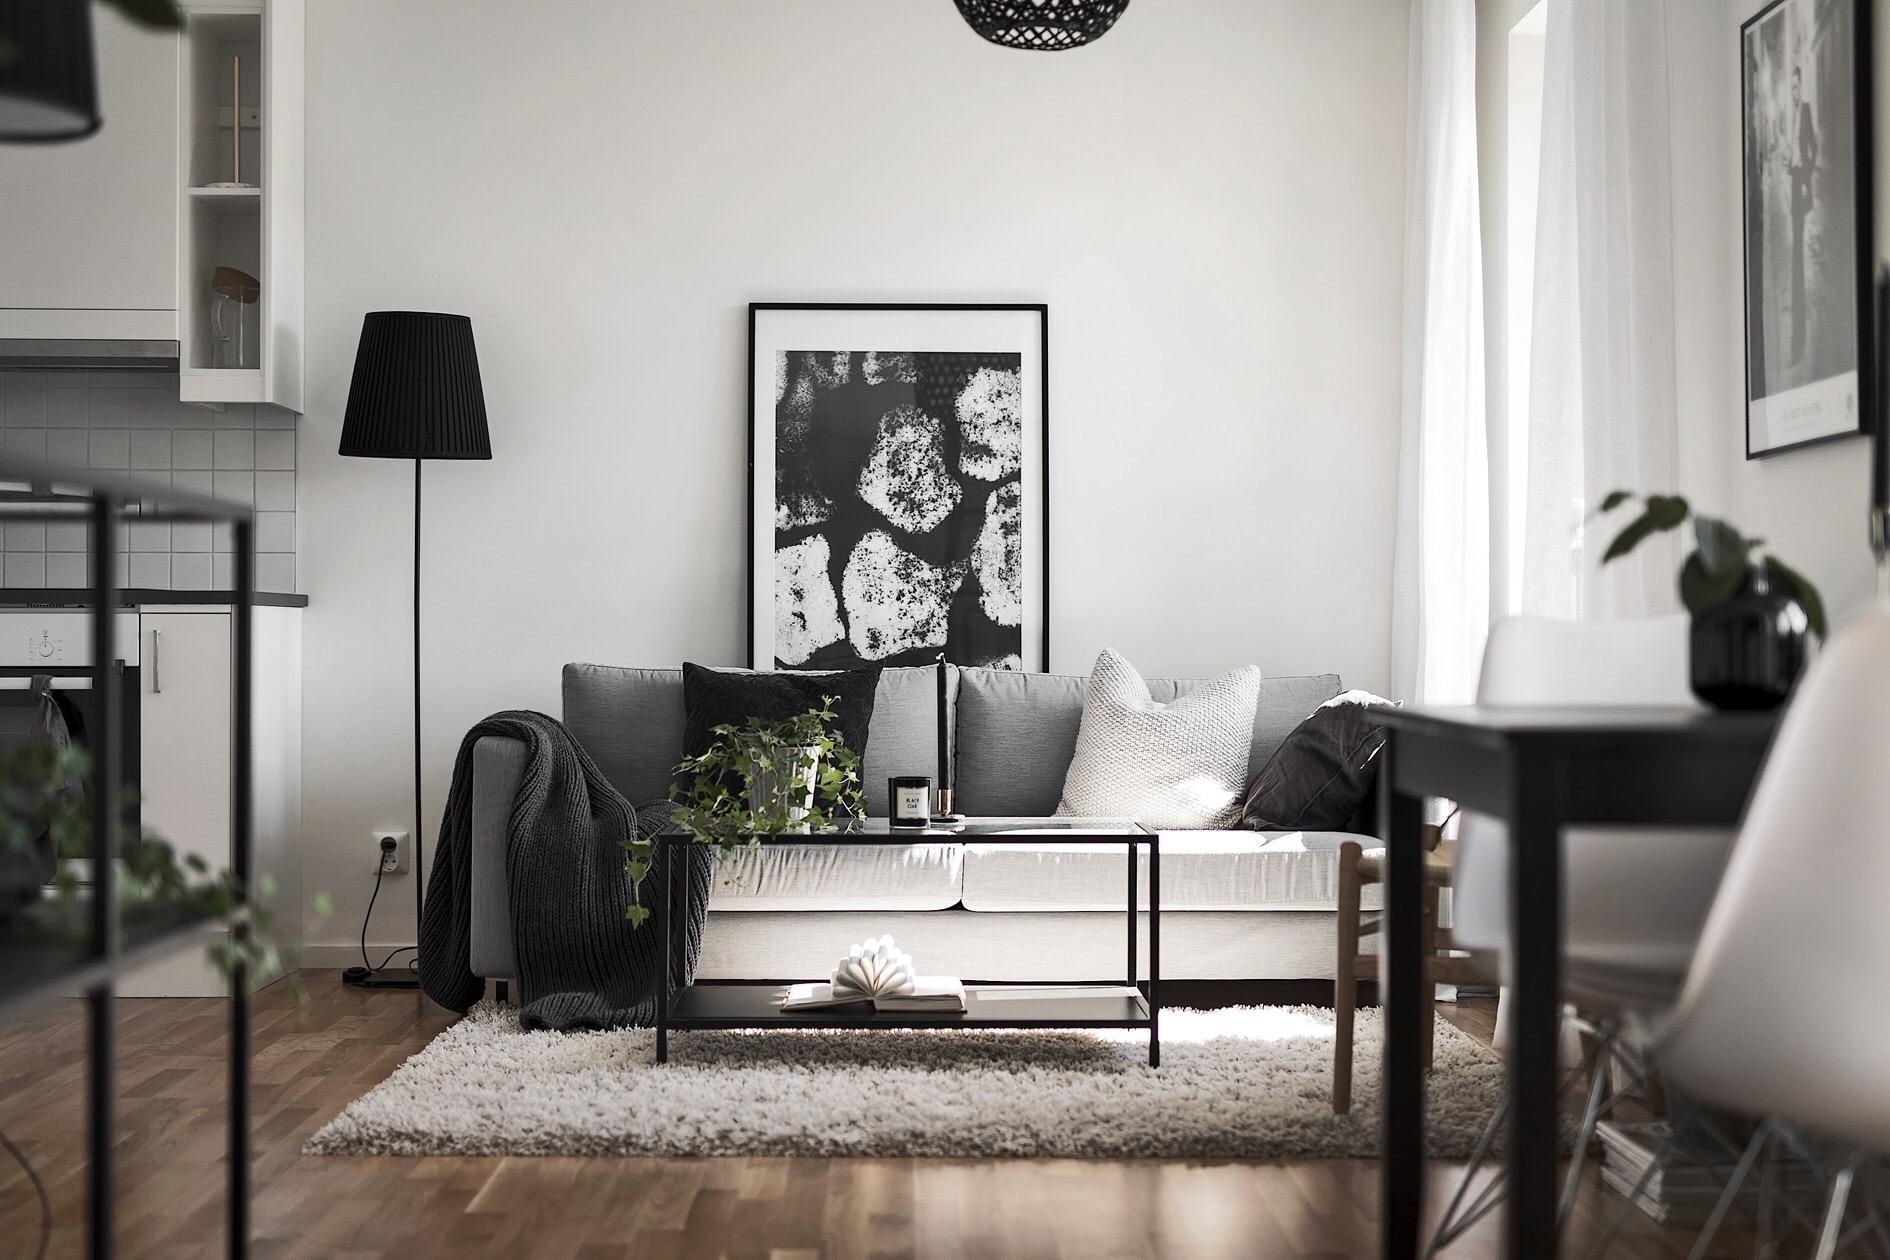 диван столик ковер подушки торшер